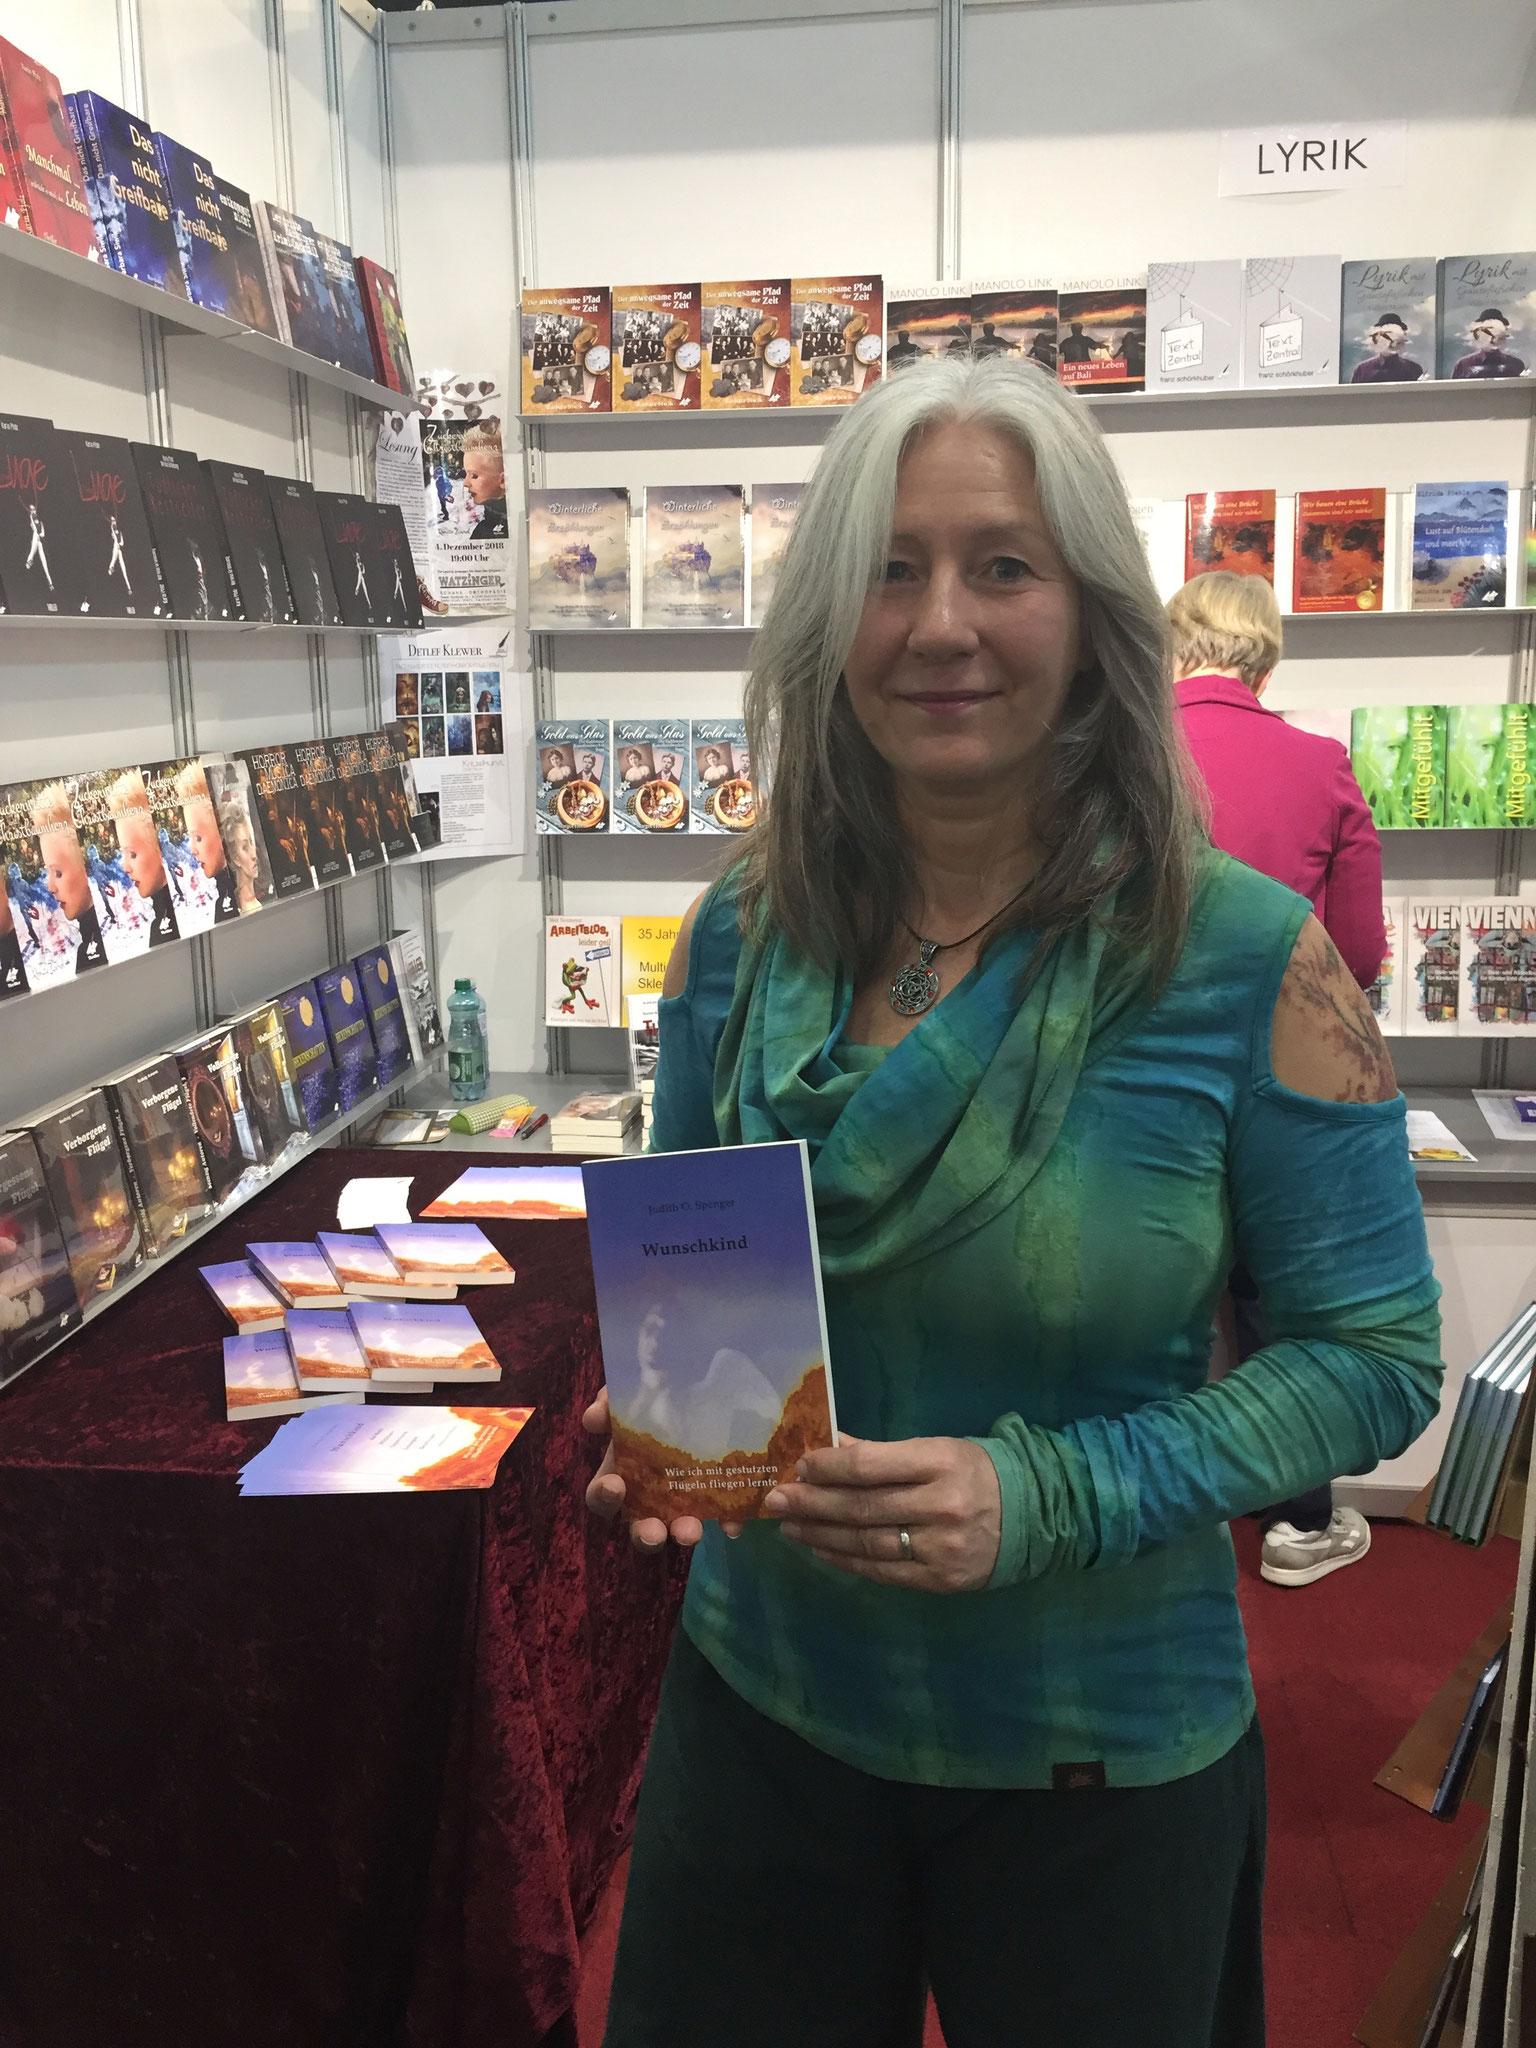 Judith O. Spenger präsentiert ihr Buch 'Wunschkind'